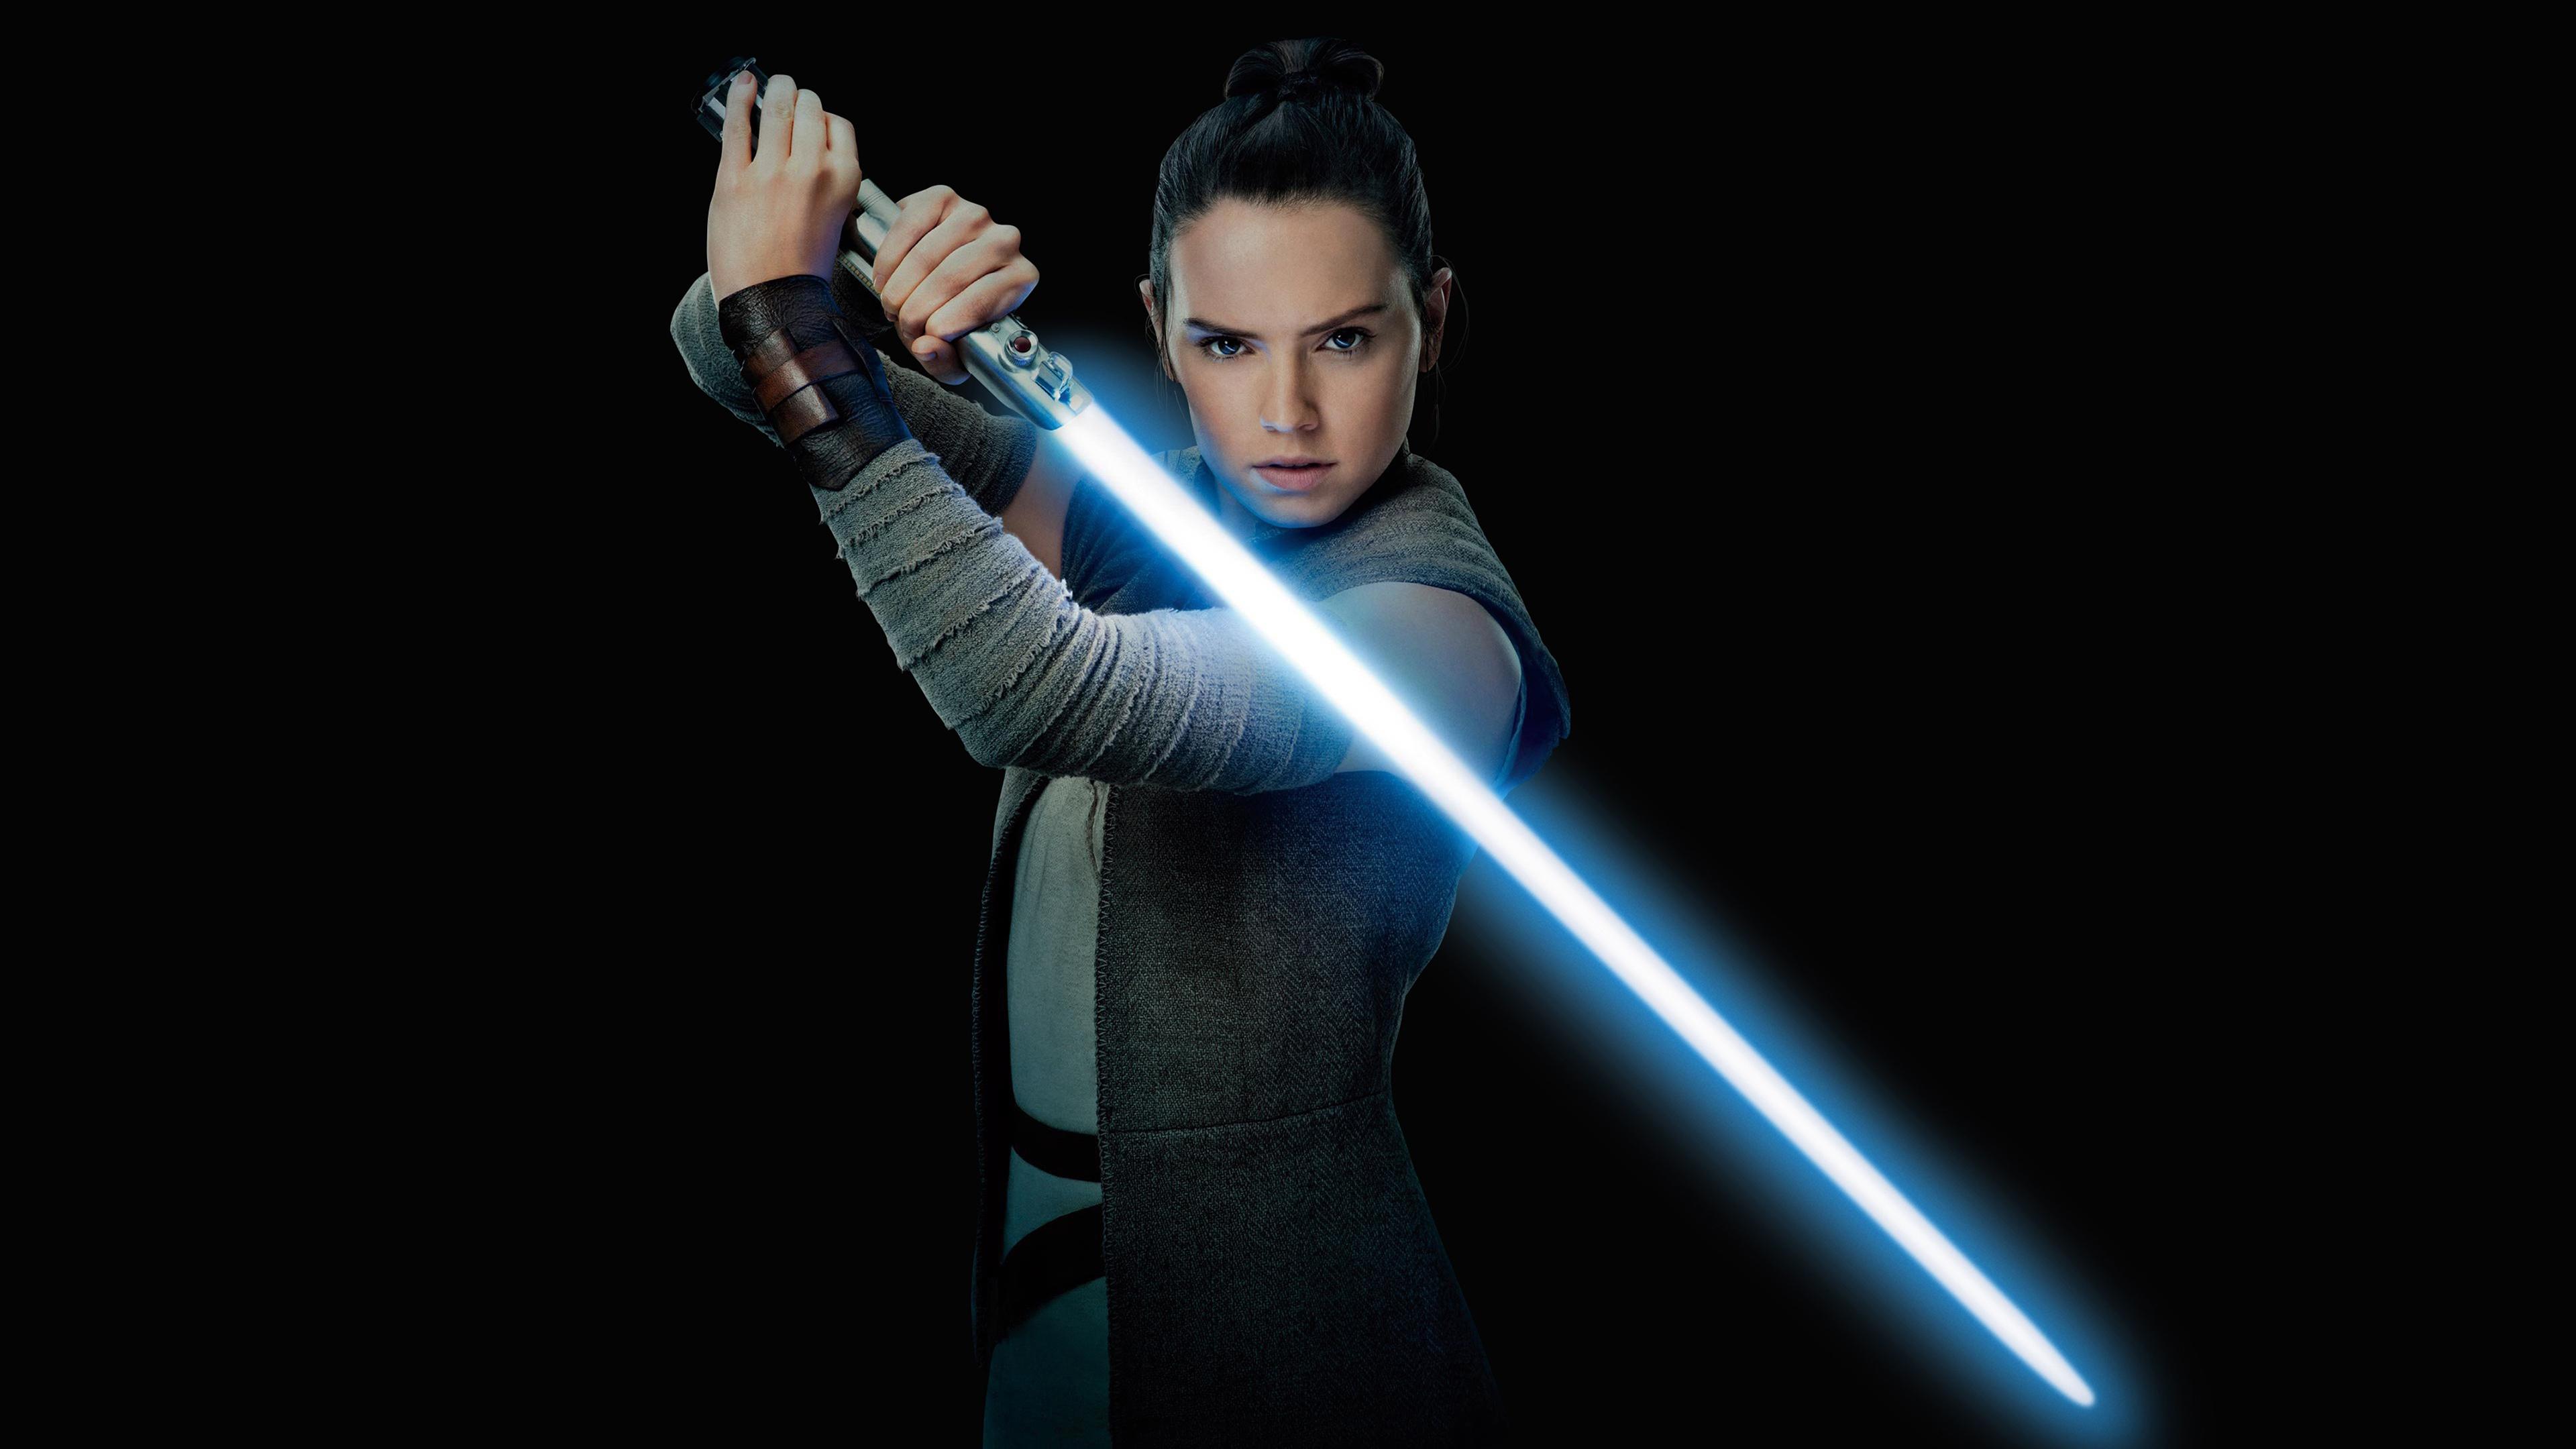 Wallpaper Star Wars The Last Jedi Star Wars Rey From Star Wars